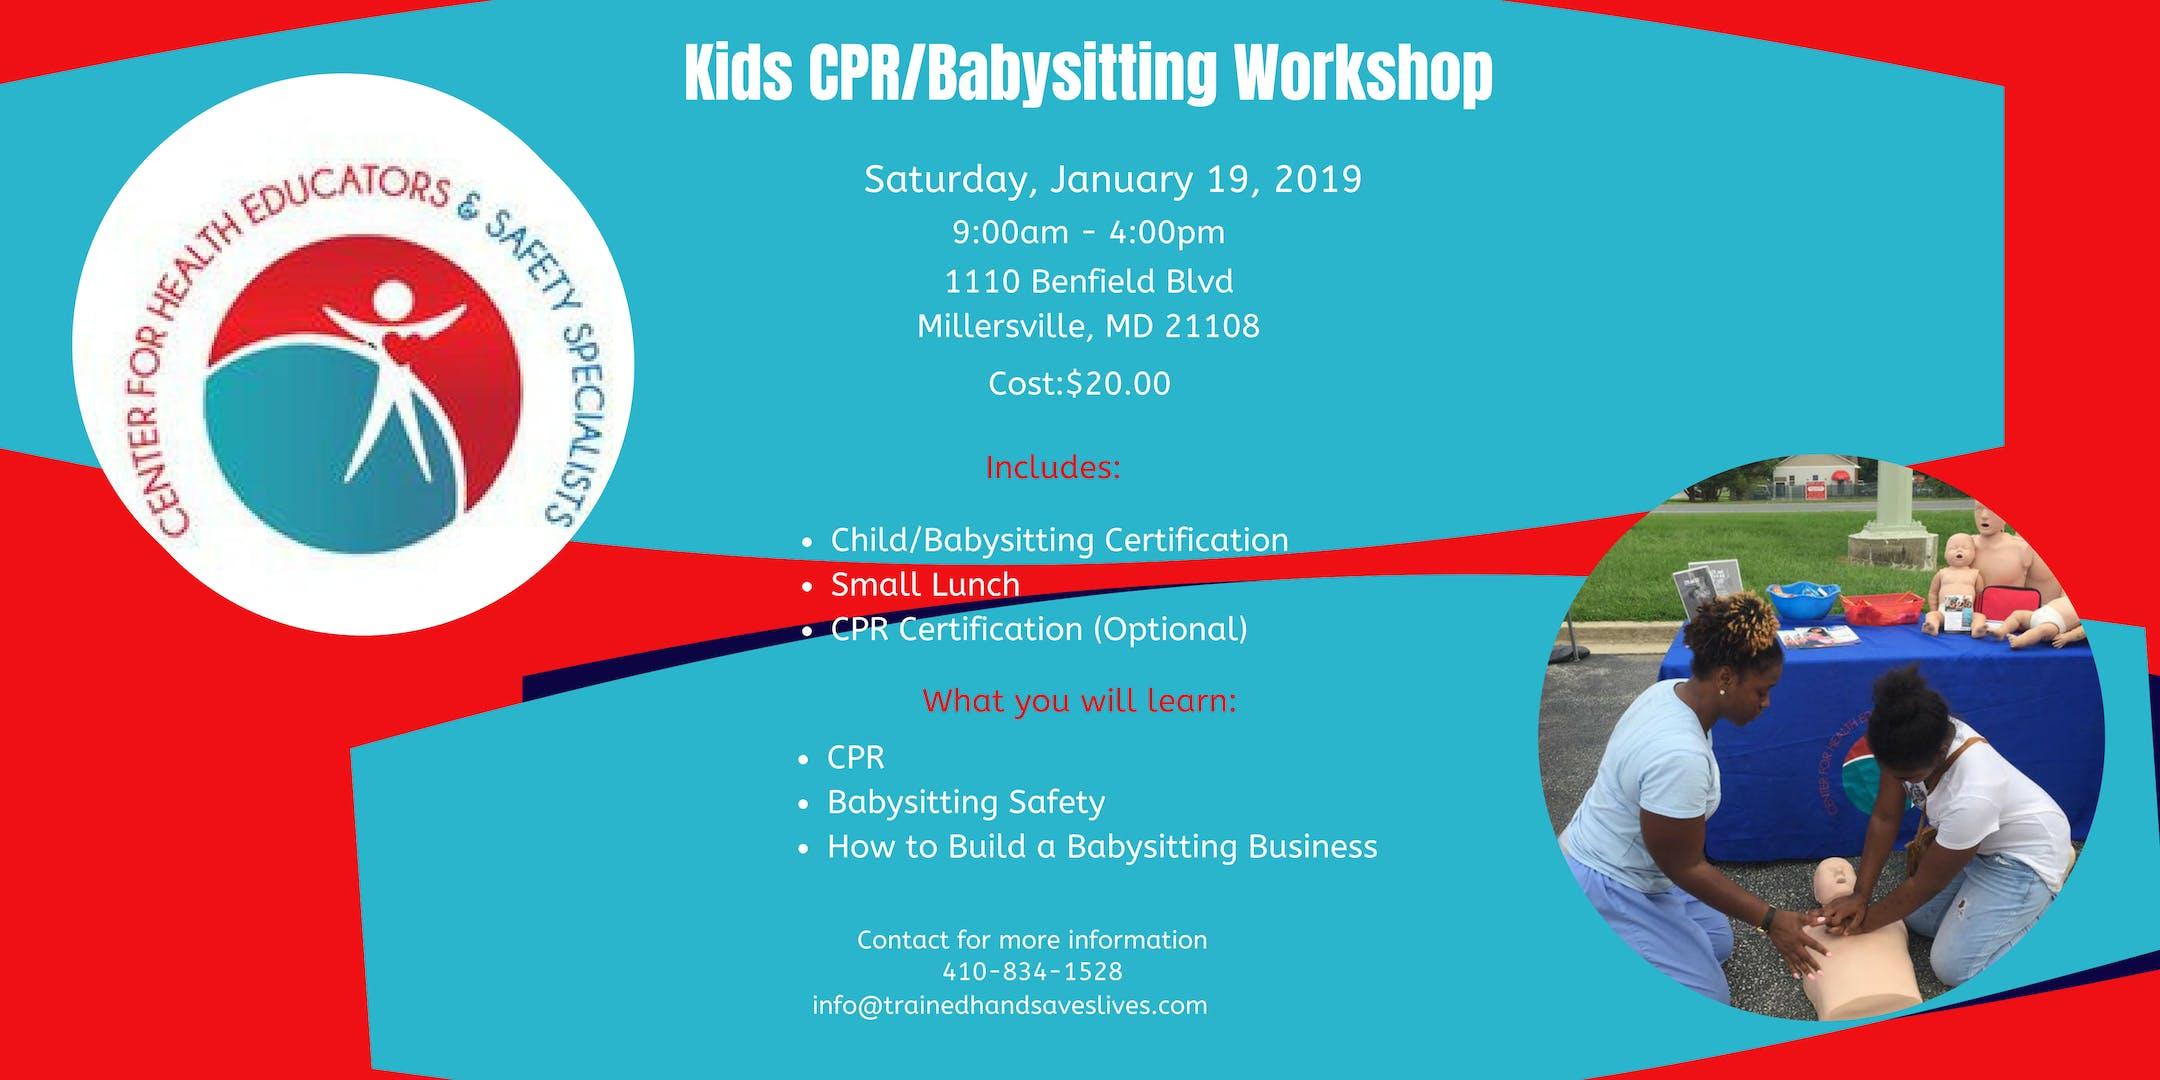 Kids Cprbabysitting Workshop 19 Jan 2019